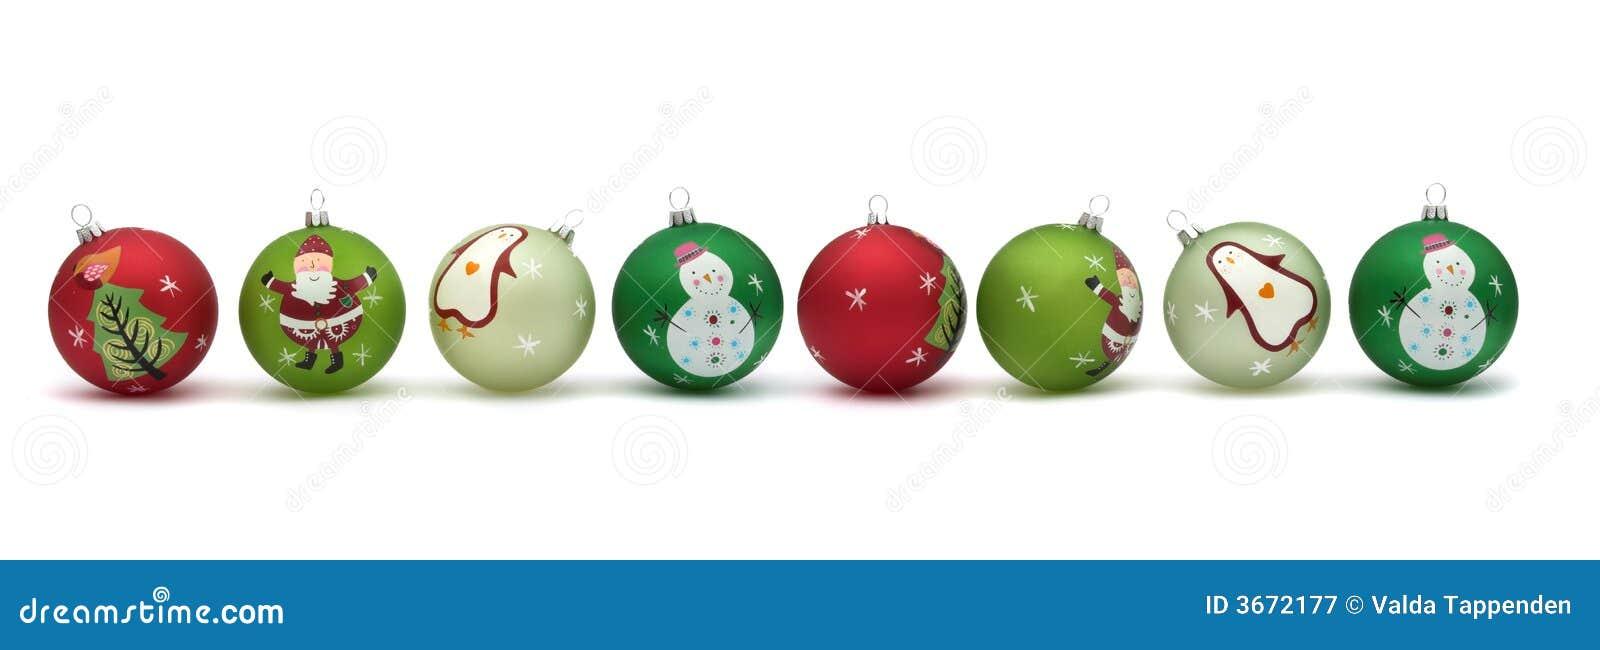 Chucherías bonitas de la Navidad